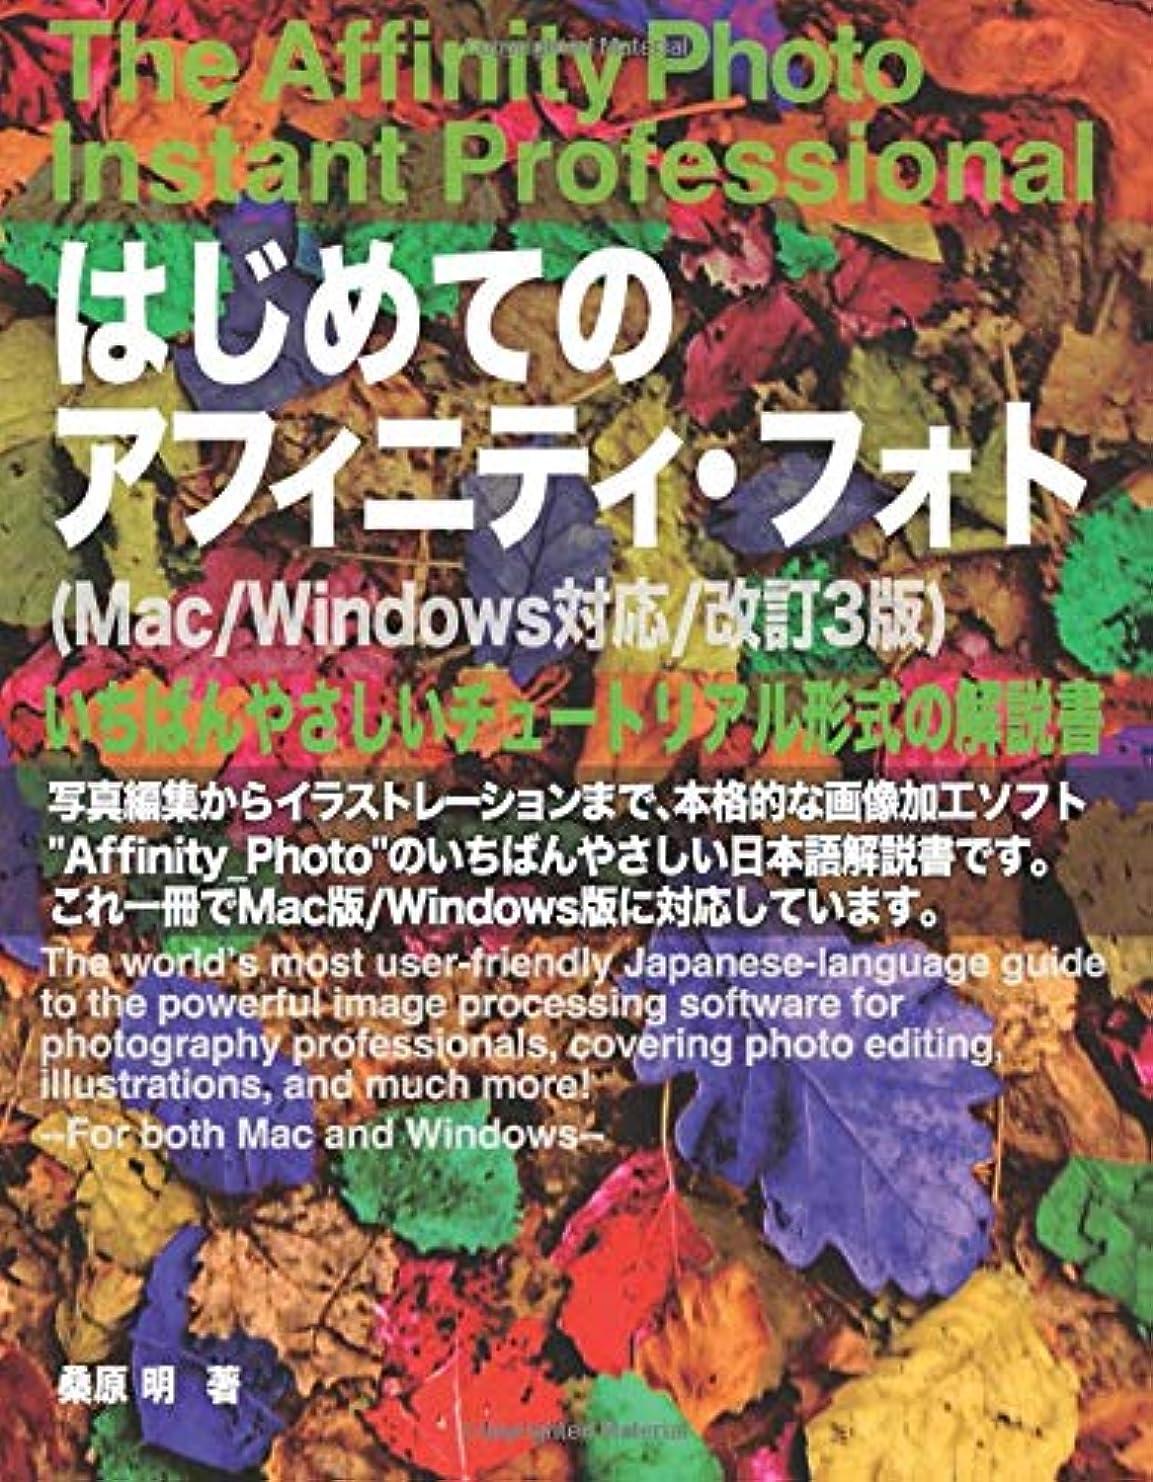 """昨日重荷航空はじめてのアフィニティ?フォト: 写真編集からイラストレーションまで、本格的な画像加工ソフト""""Affinity Photo""""のいちばんやさしい日本語解説書です。これ1冊でMac版/Windows版に対応しています。 (MyISBN - デザインエッグ社)"""